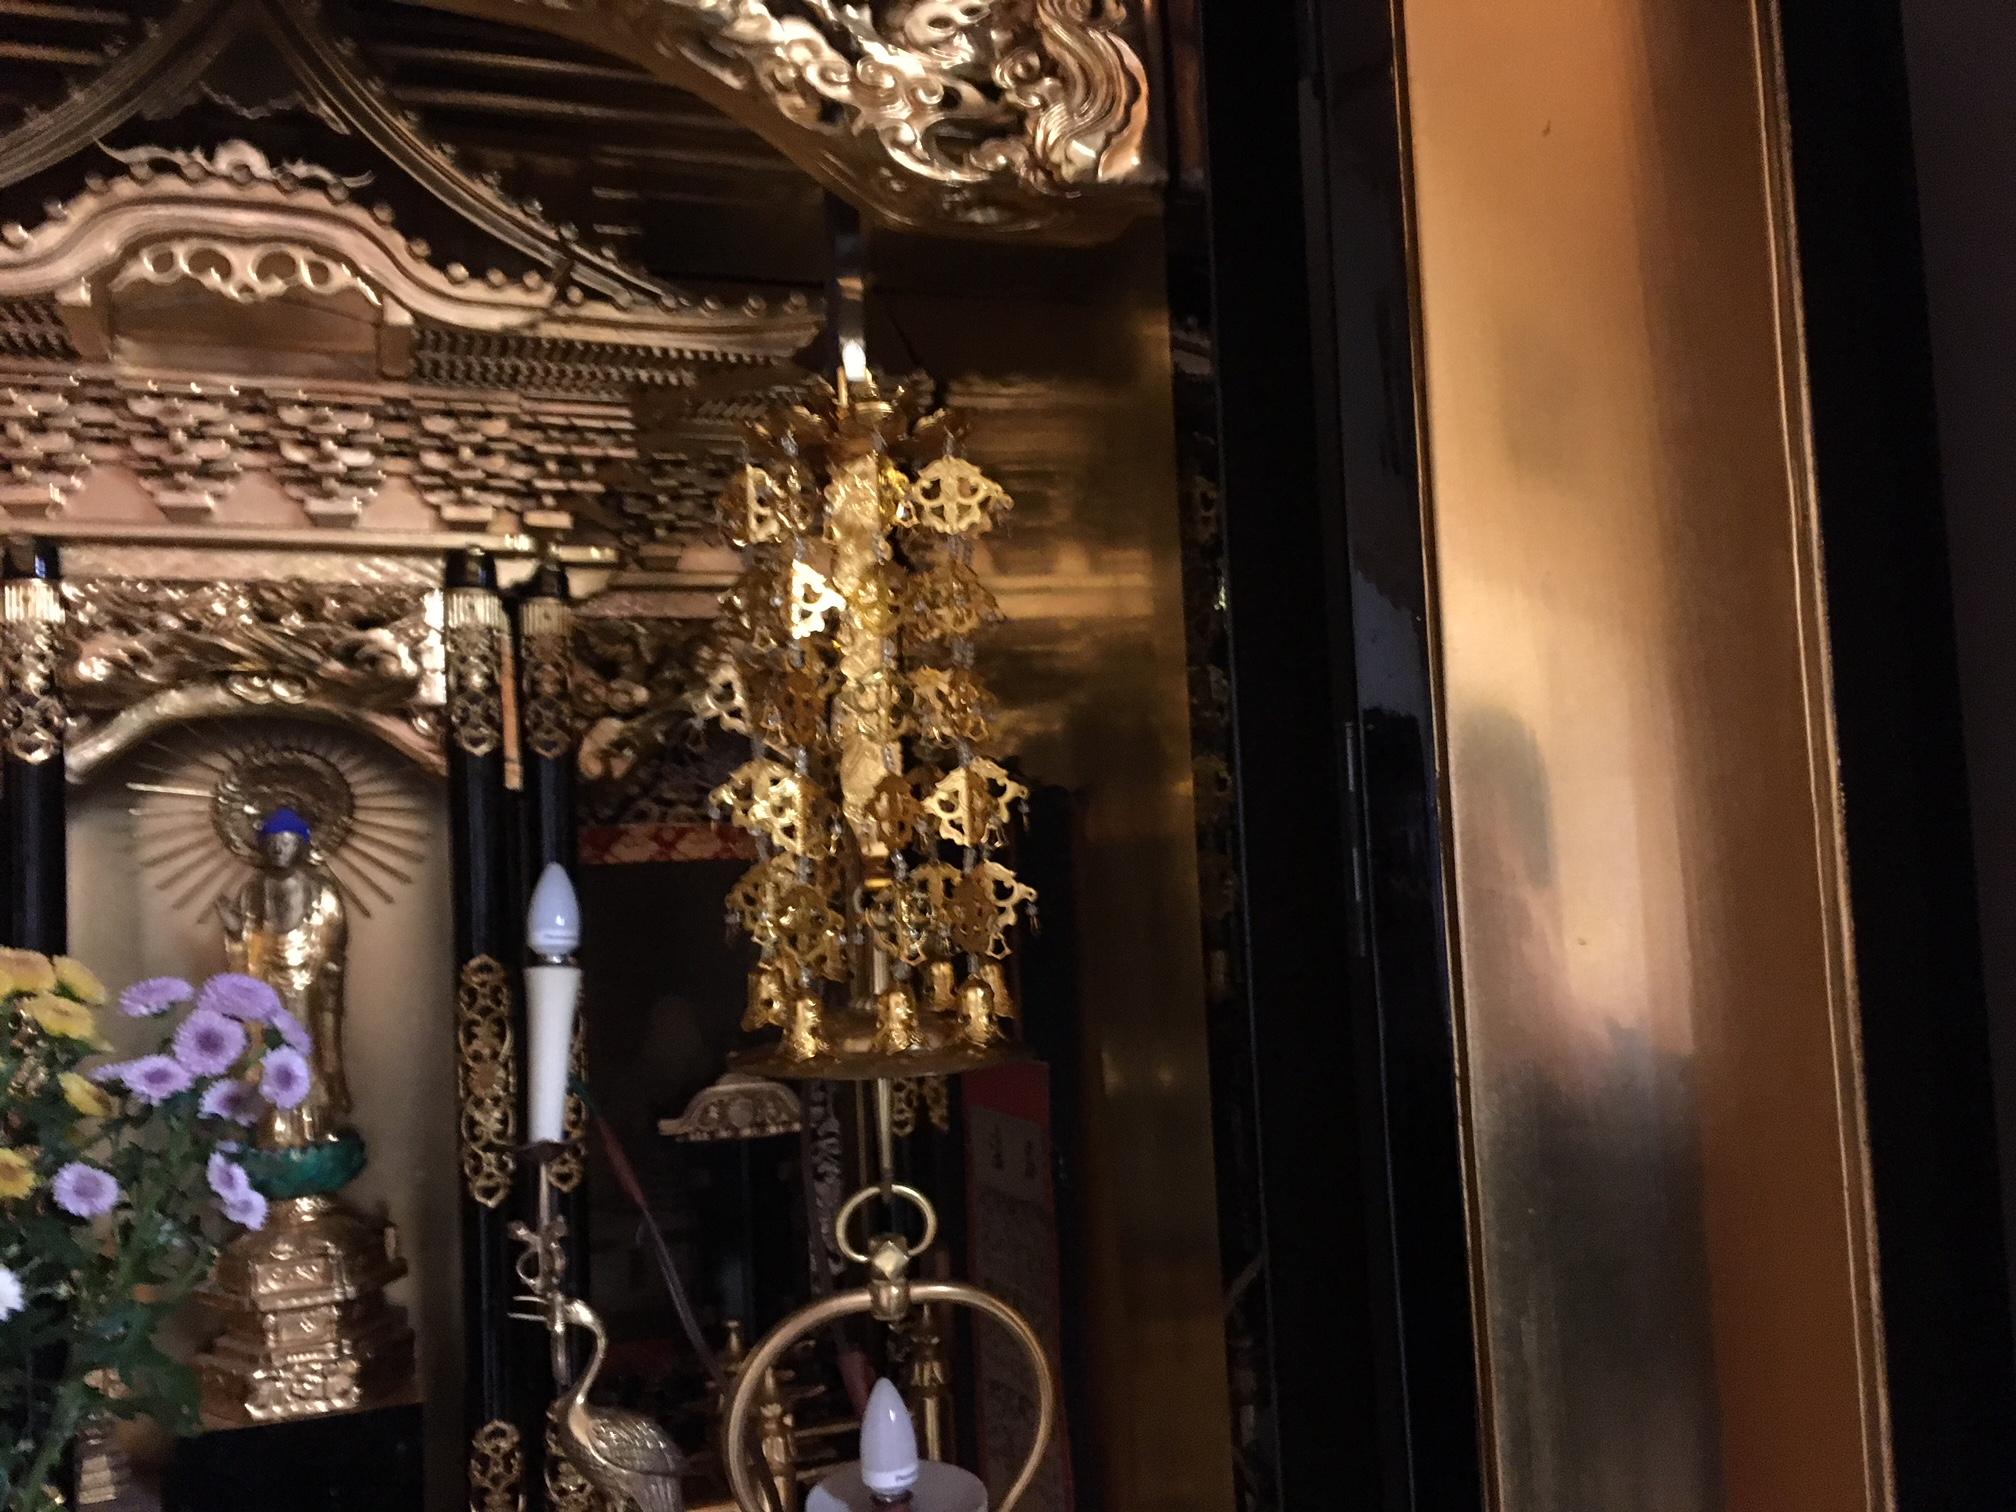 浄土真宗大谷派で使う輪灯瓔珞です。瓔珞一つ一つがキラキラと輝きます。